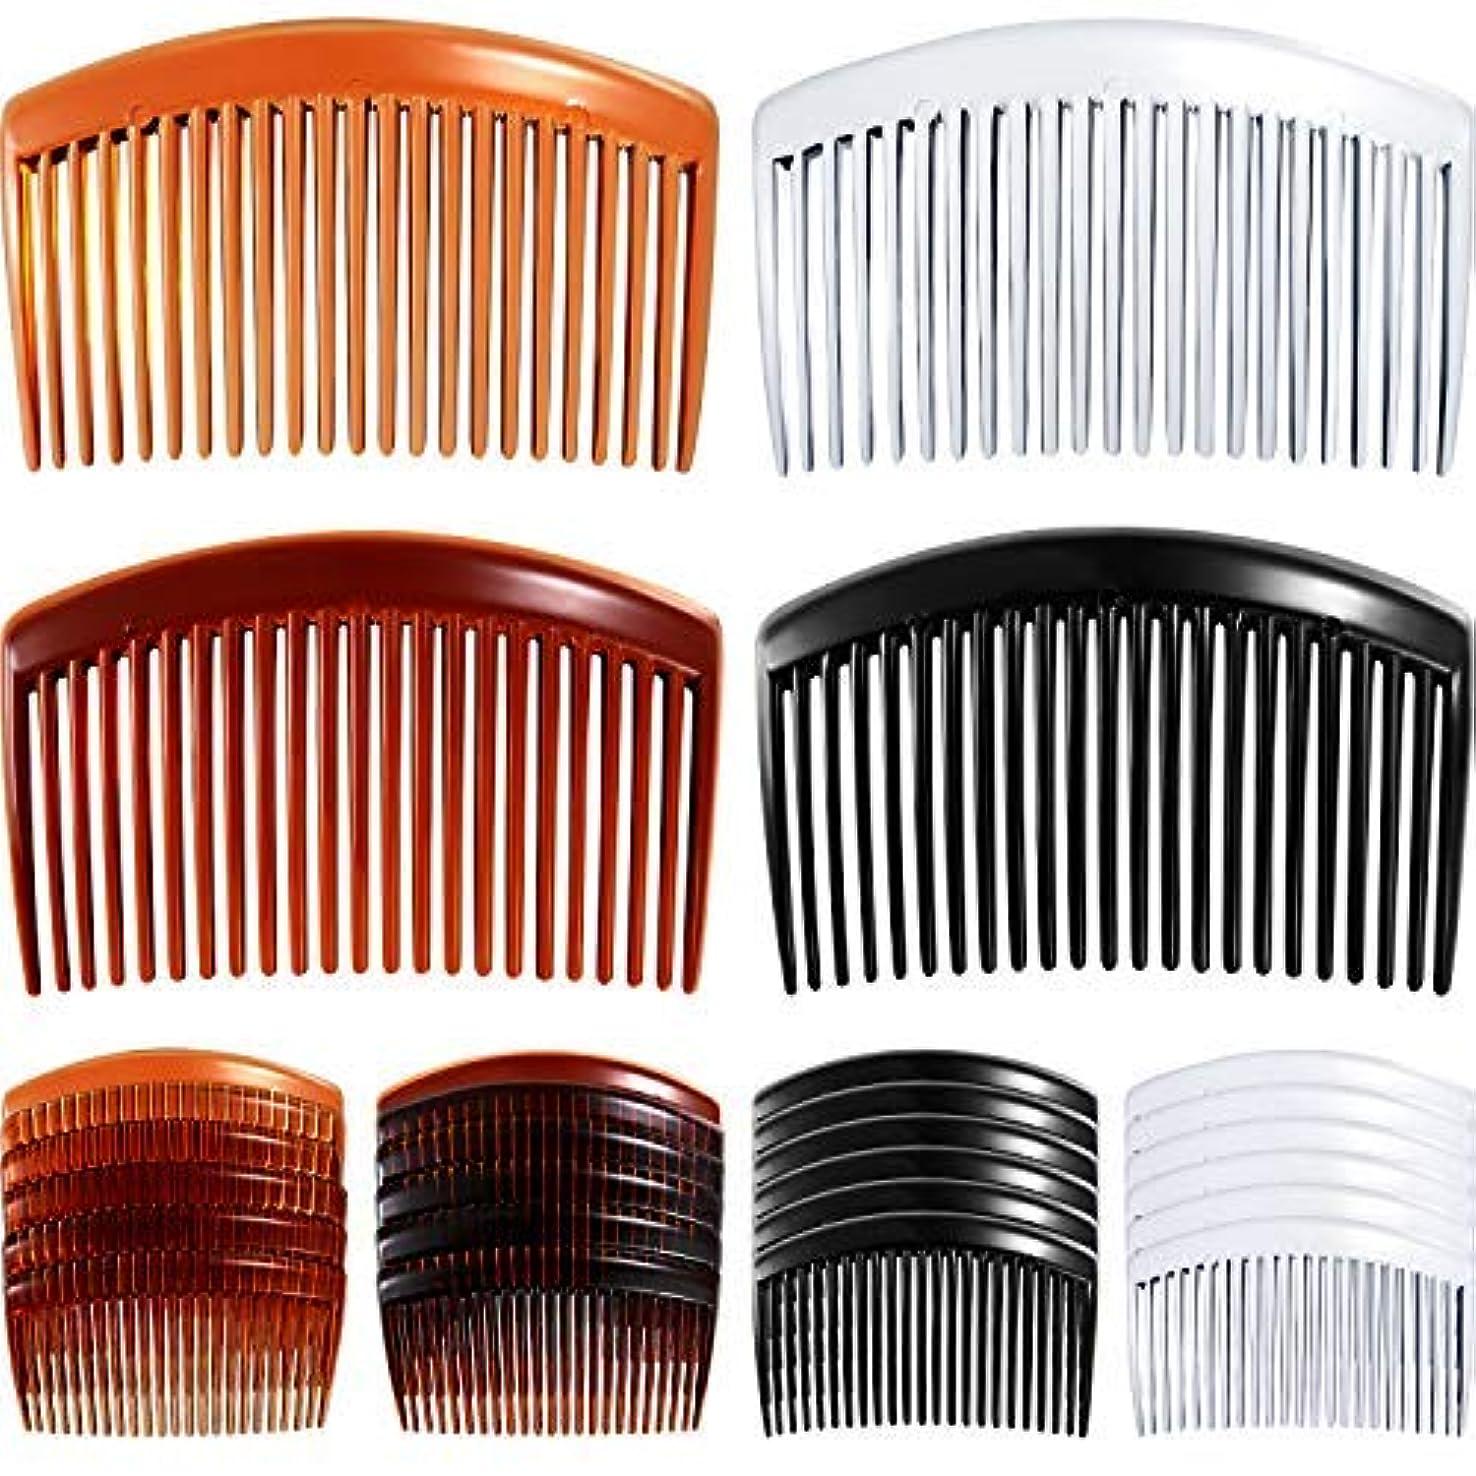 紳士組み立てる昼食24 Pieces Hair Comb Plastic Hair Side Combs Straight Teeth Hair Clip Comb Bridal Wedding Veil Comb for Fine Hair...